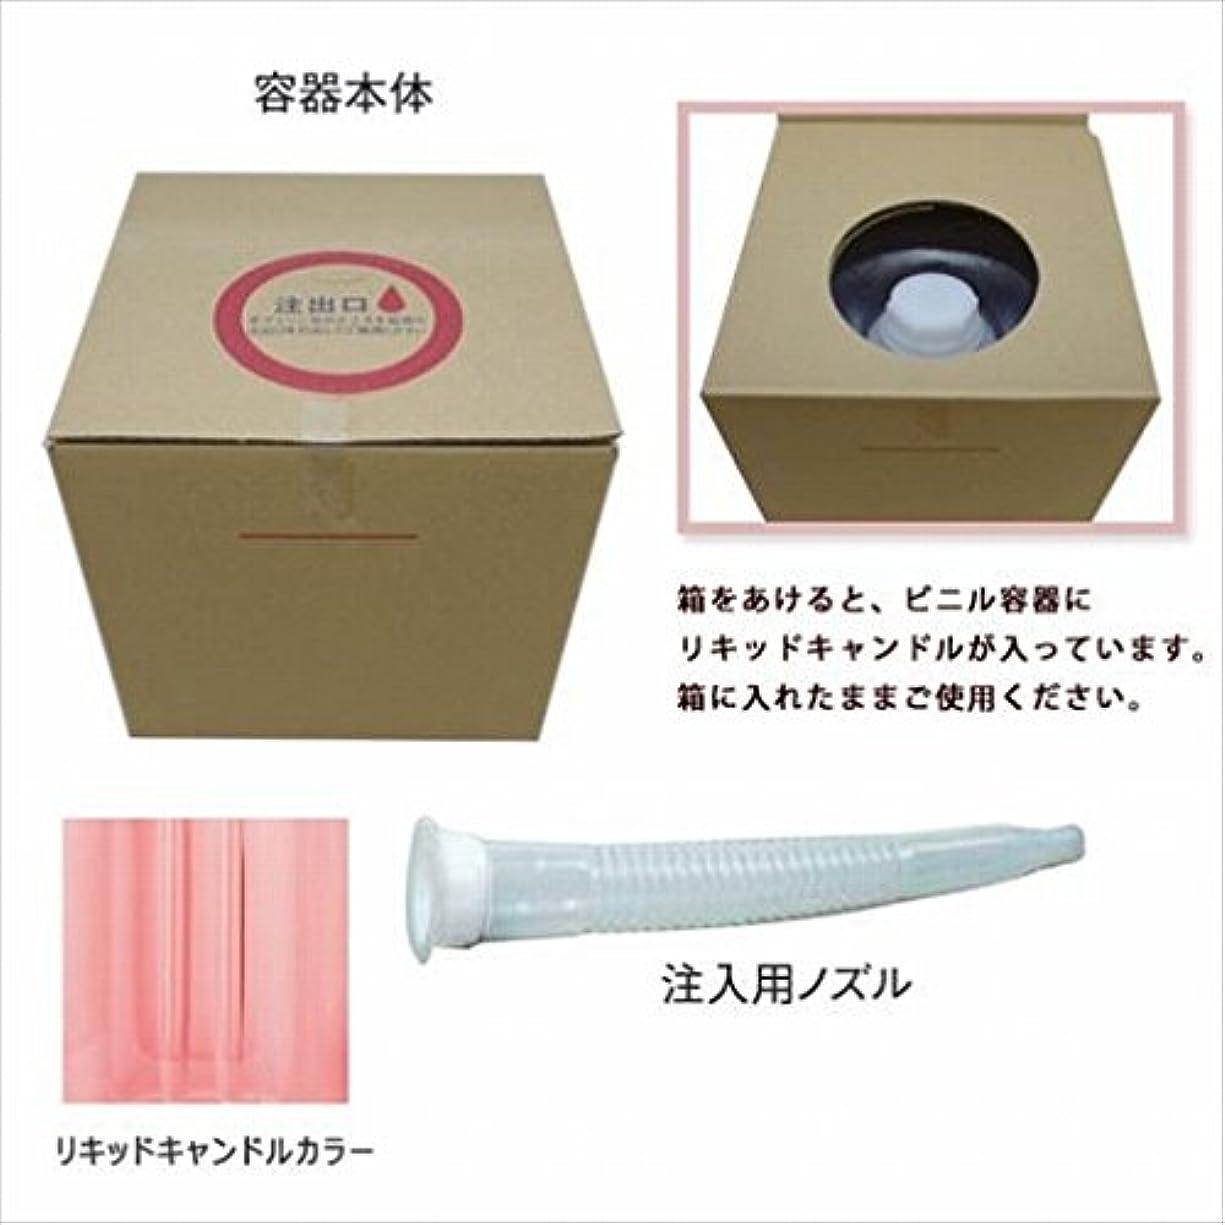 役に立たない感謝している構造的カメヤマキャンドル(kameyama candle) リキッドキャンドル5リットル 「 ピンク 」